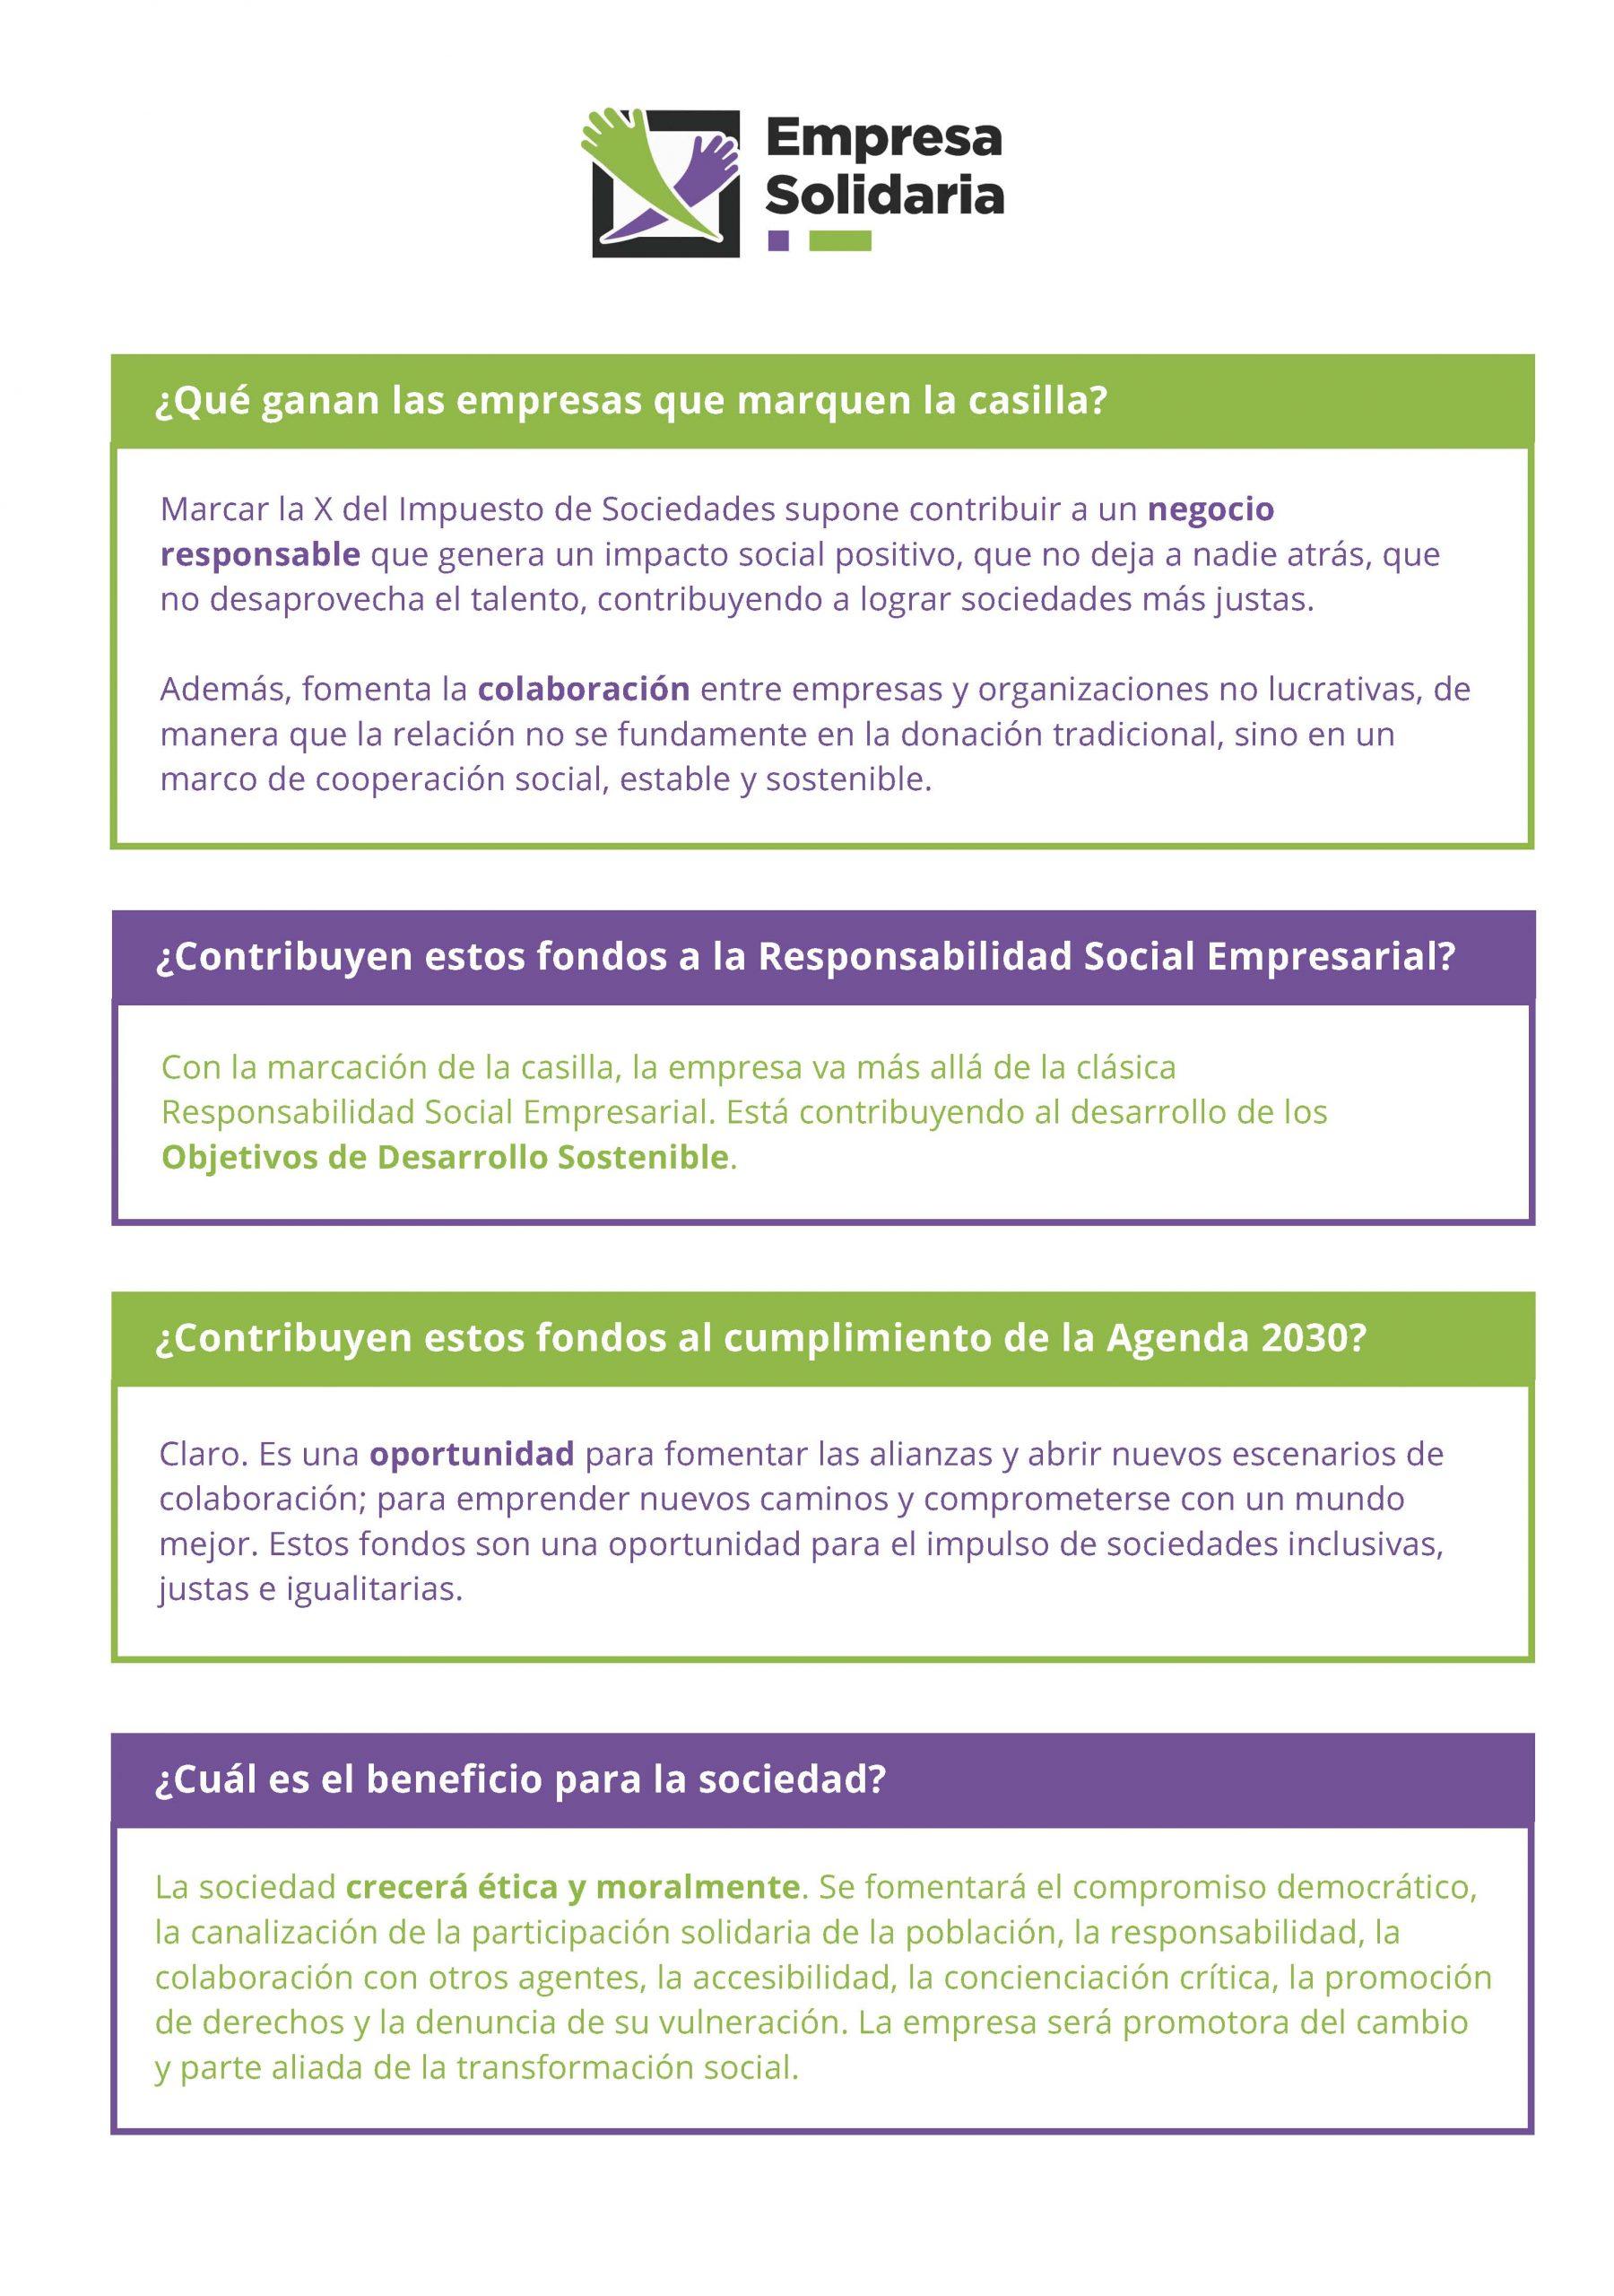 informacio_n sobre el 0,7del impuesto de sociedades_pagina_2.jpg